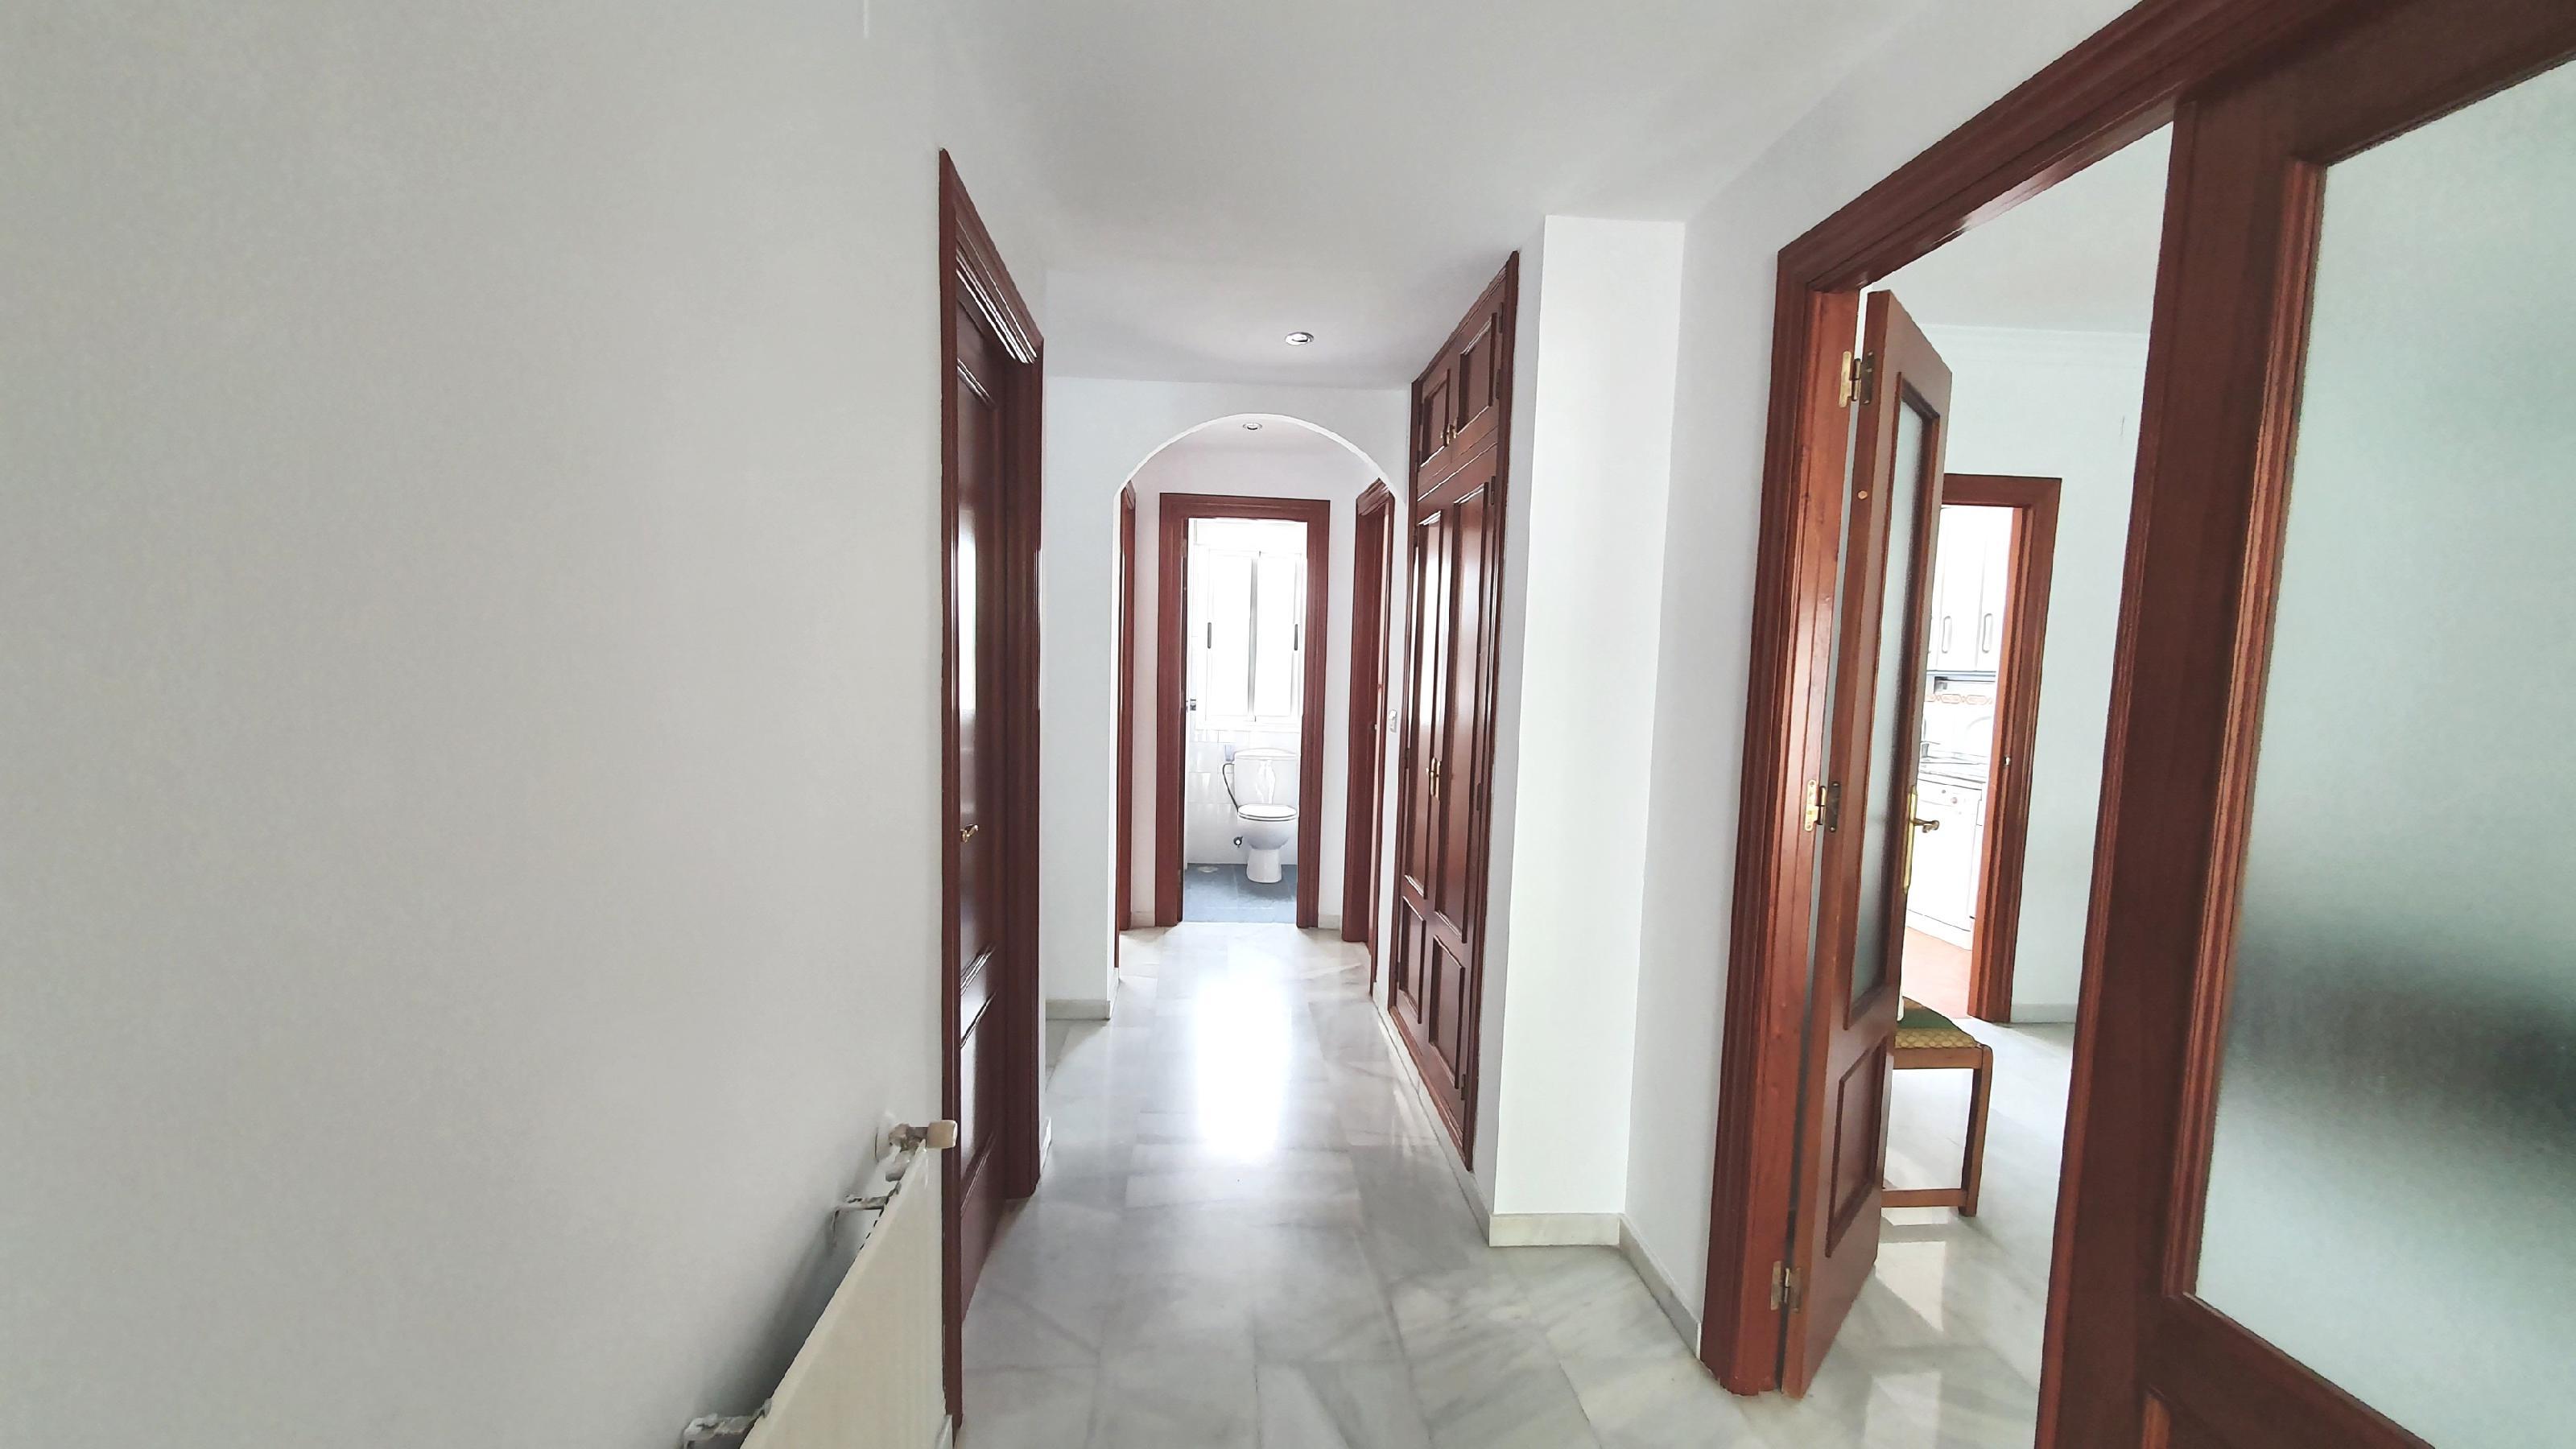 Imagen 4 Casa Adosada en alquiler en Granada / Zona alta del Albayzín.